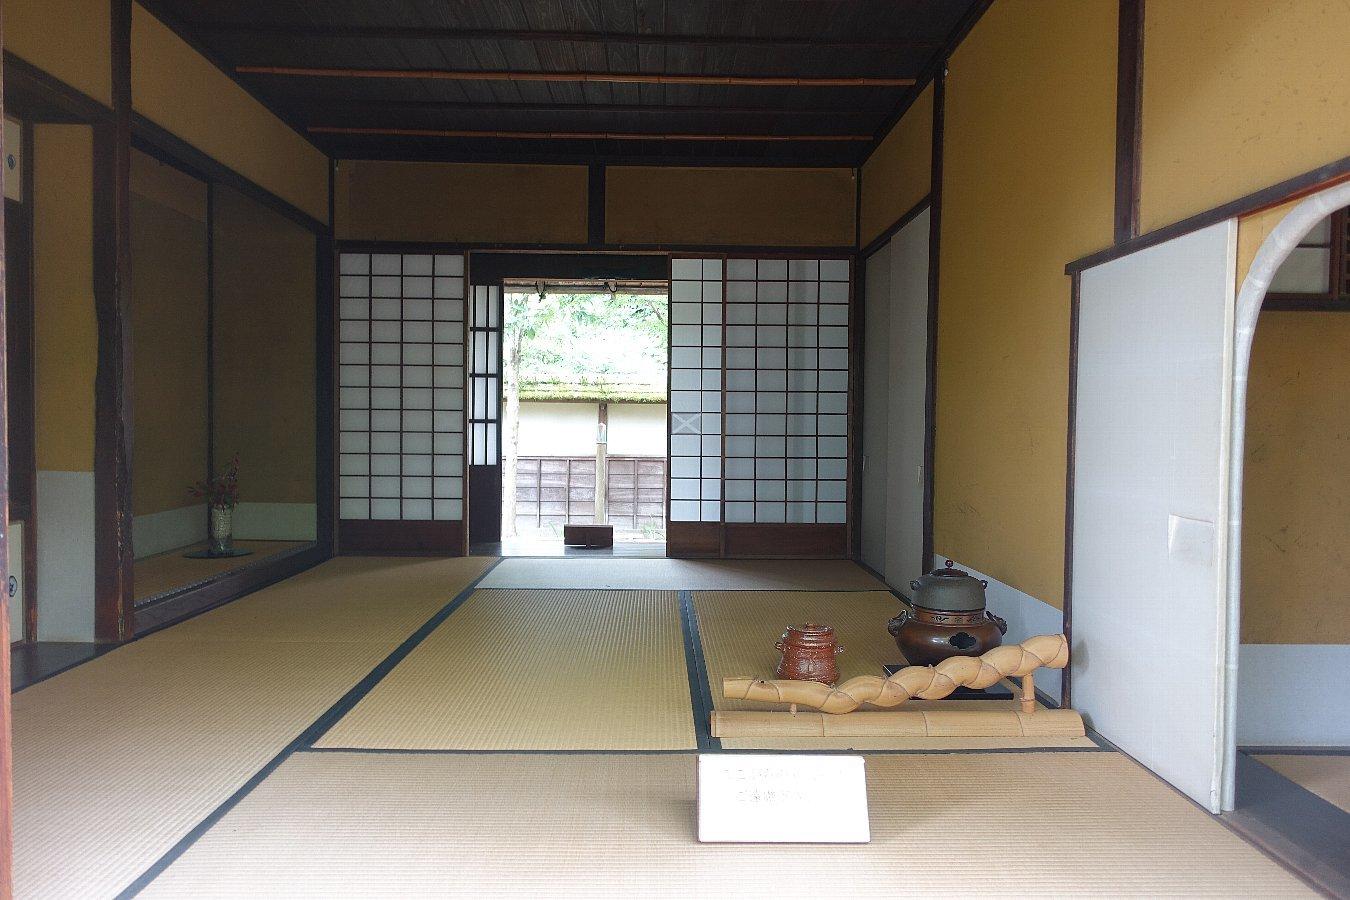 鶴ヶ城公園 茶室「麟閣」_c0112559_08405330.jpg